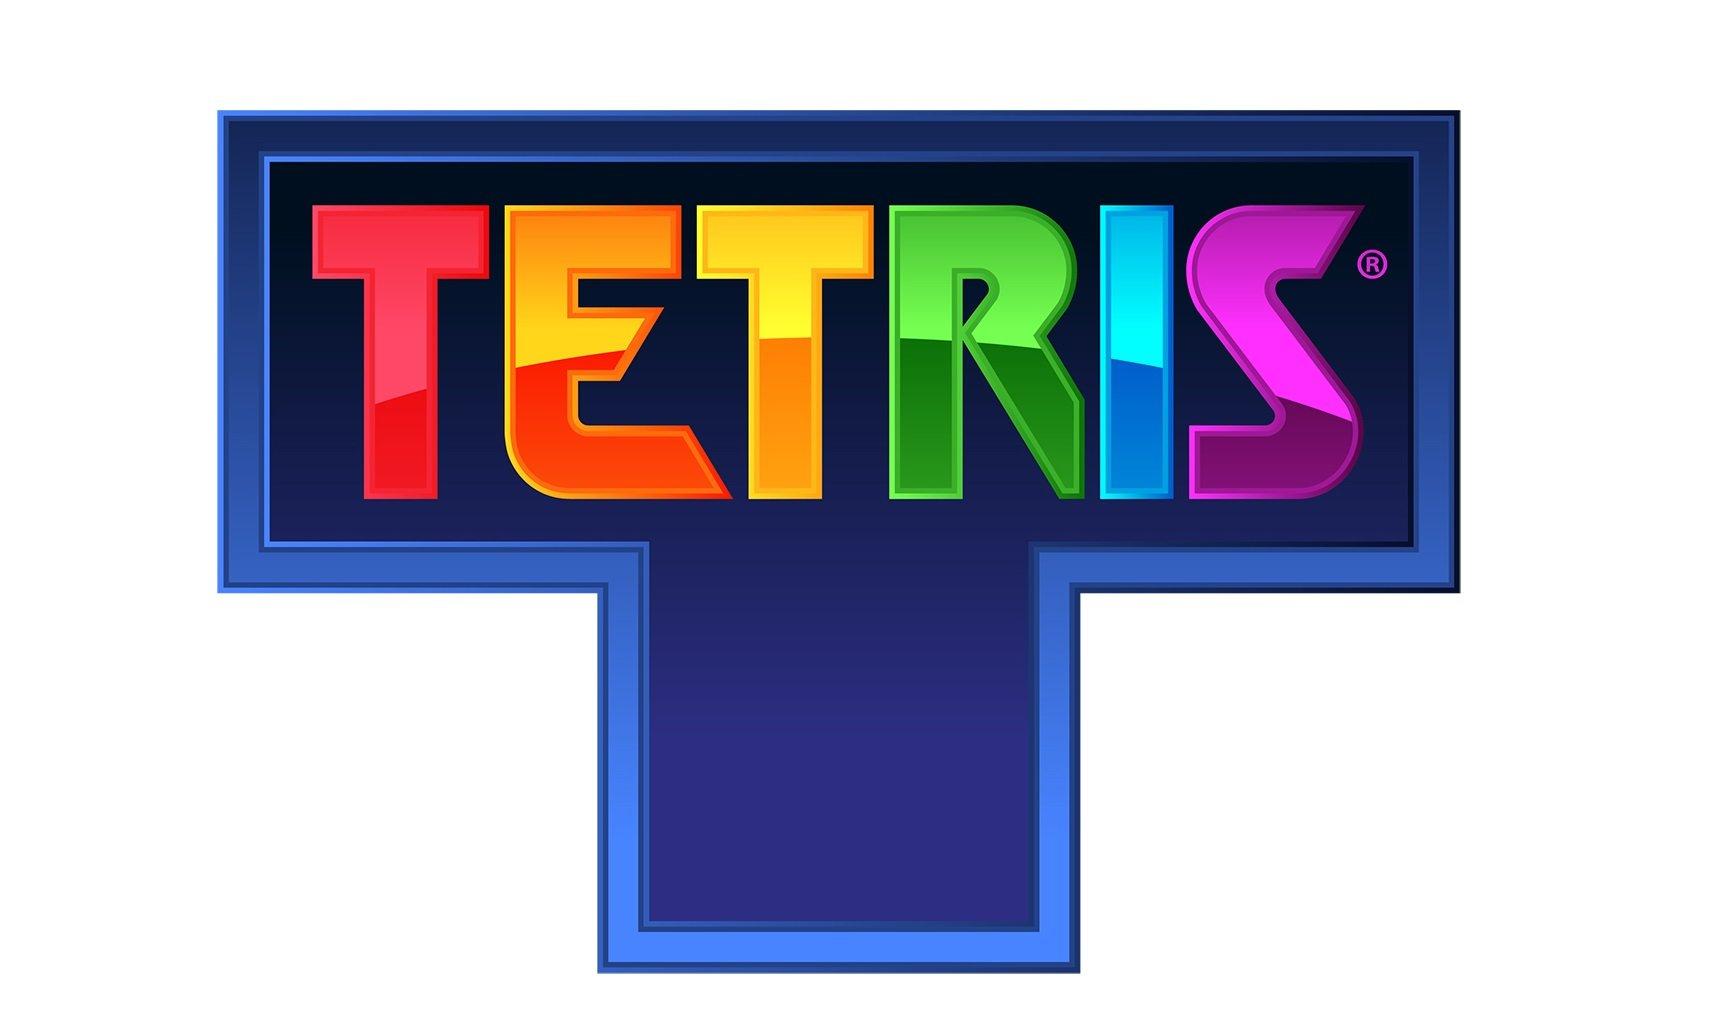 Tetris célèbre son 35e anniversaire